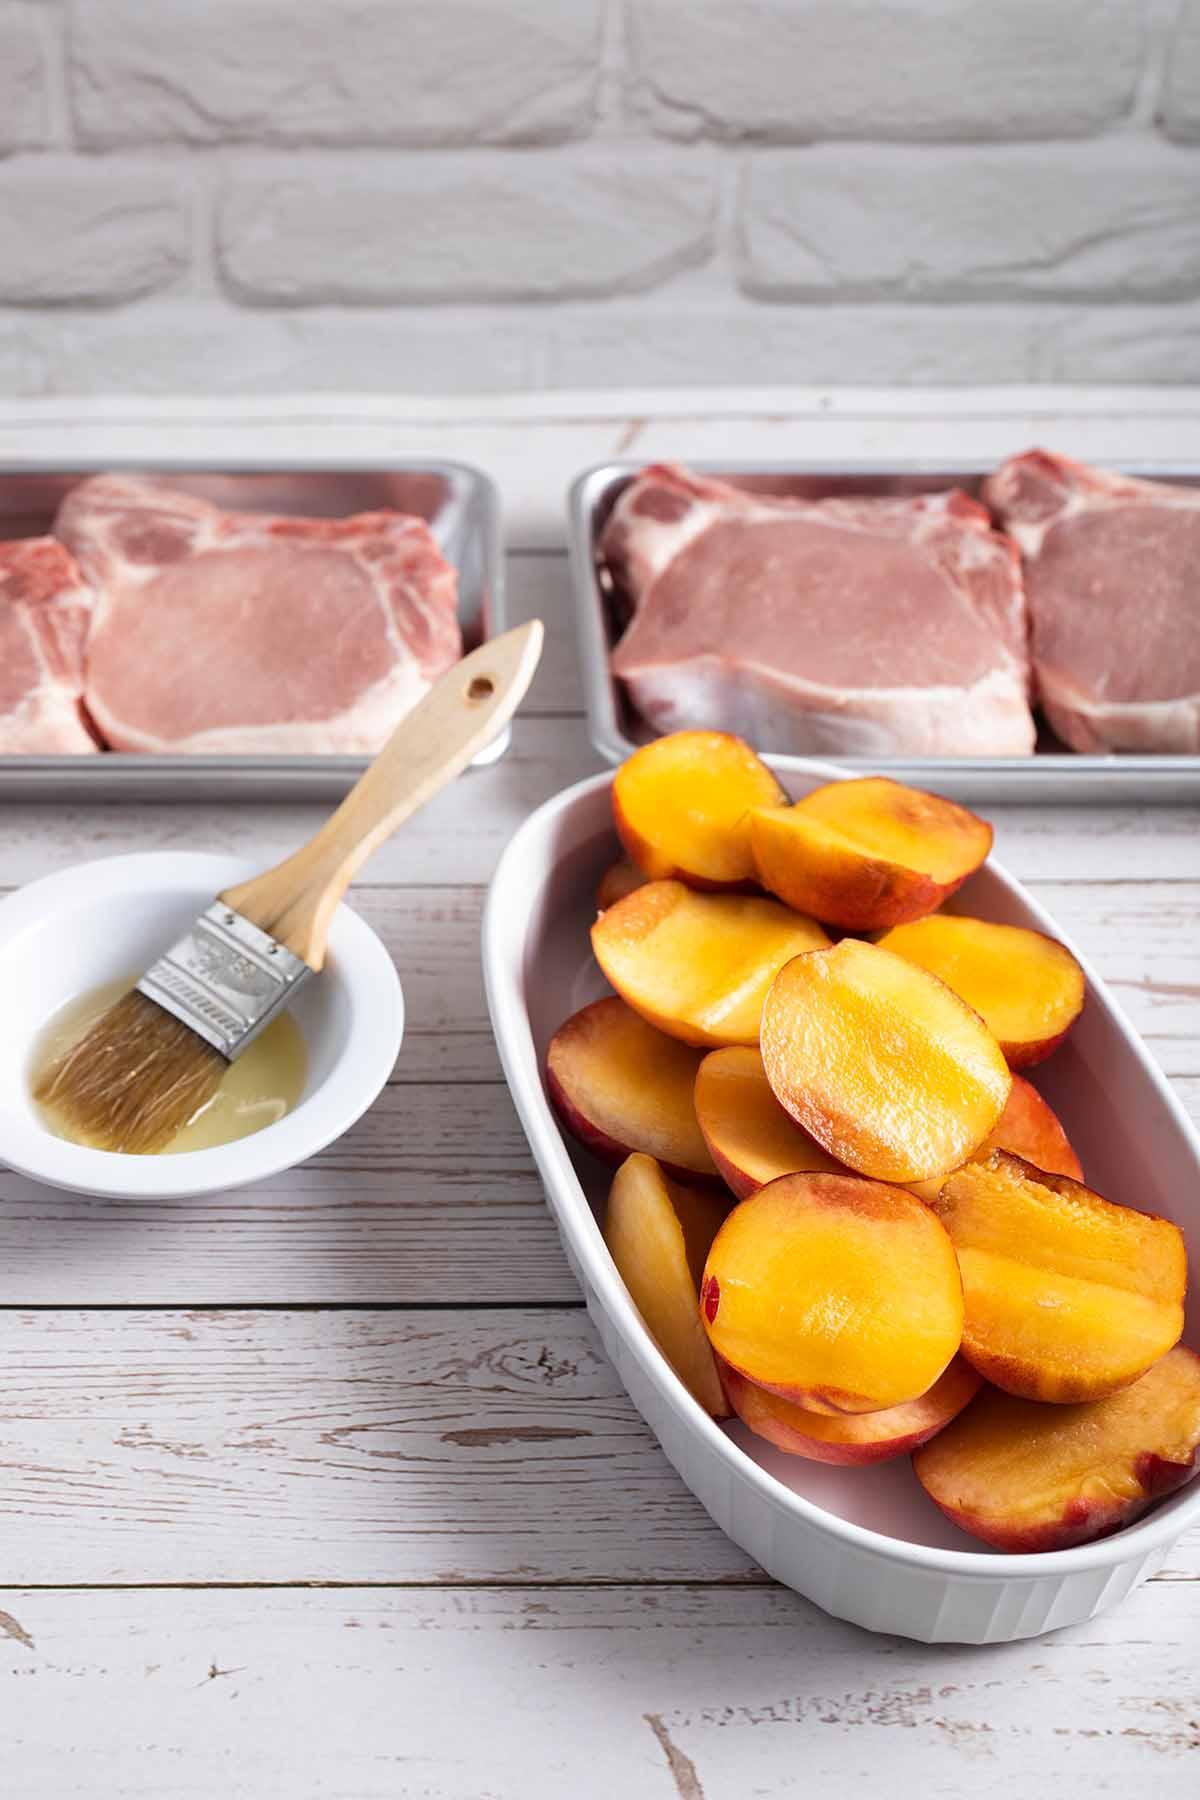 Prepare peaches for grilling